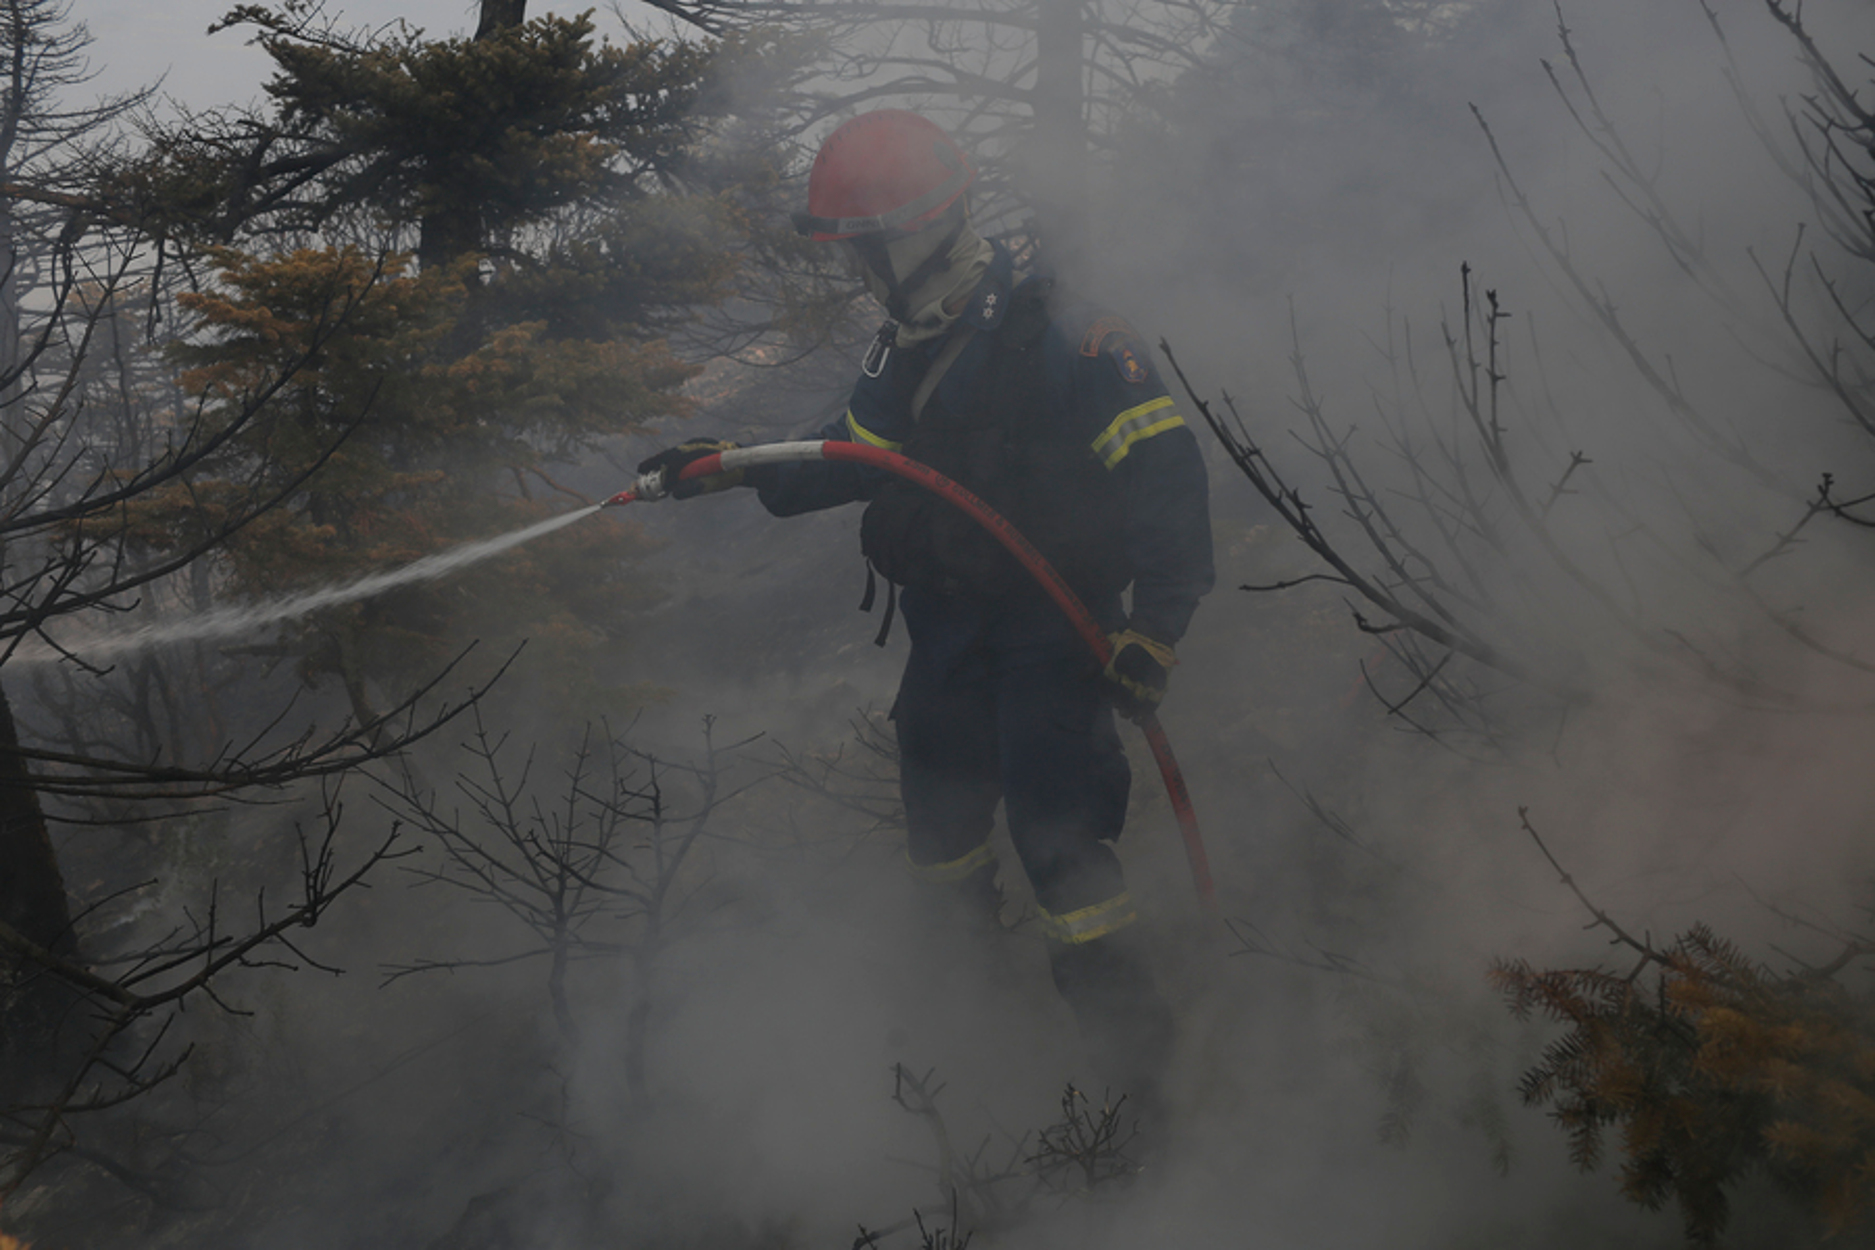 Φωτιές στην Αττική: Μάχη με τις αναζωπυρώσεις – Σε ύφεση το πύρινο μέτωπο